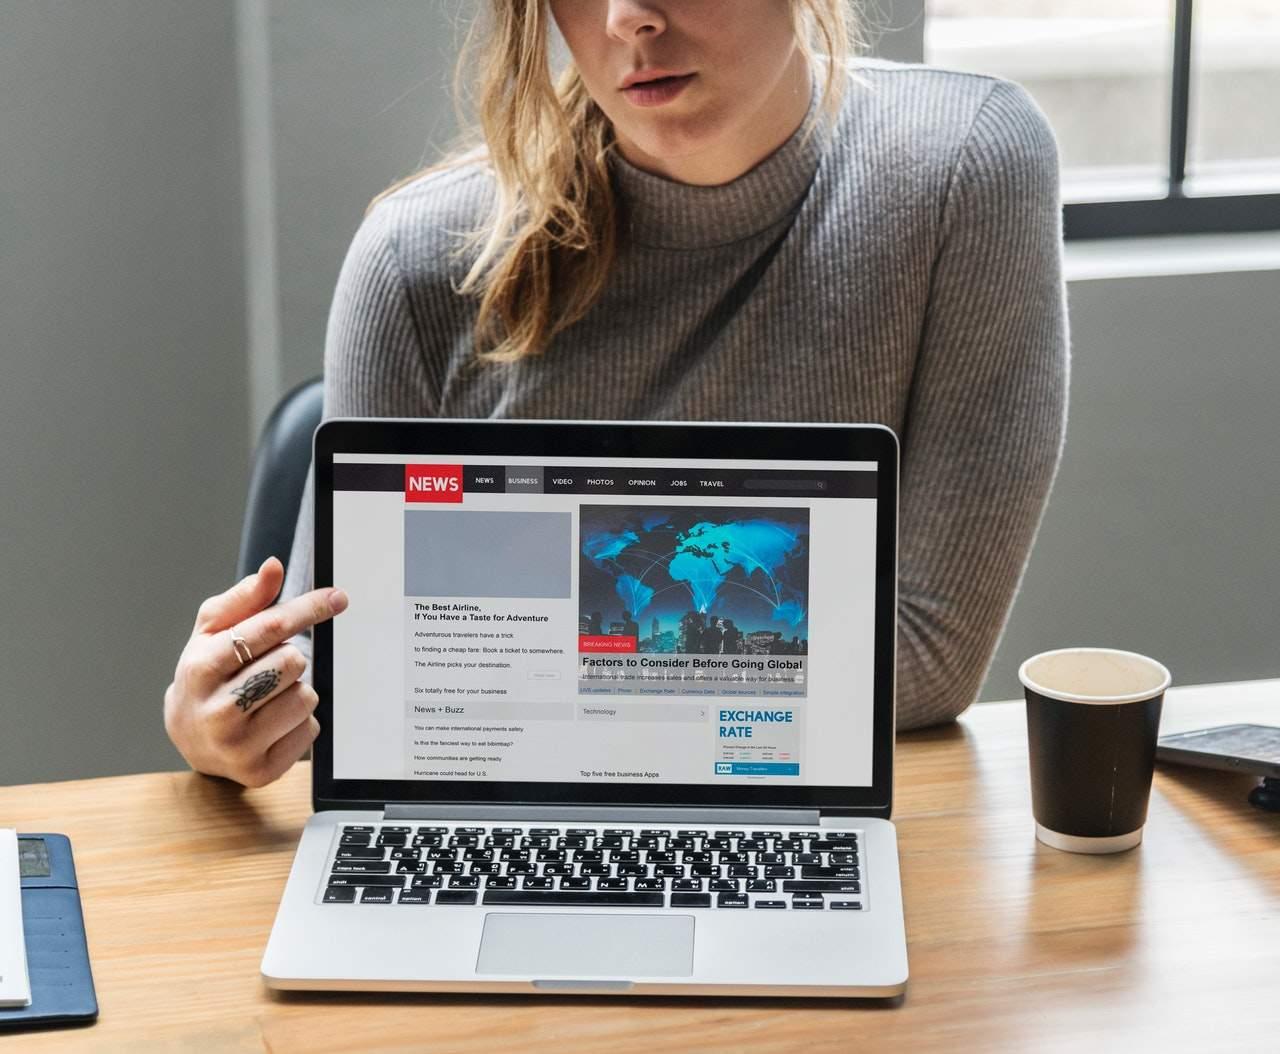 atualizado 1 - Marketing pessoal: como usar a internet para crescer profissionalmente